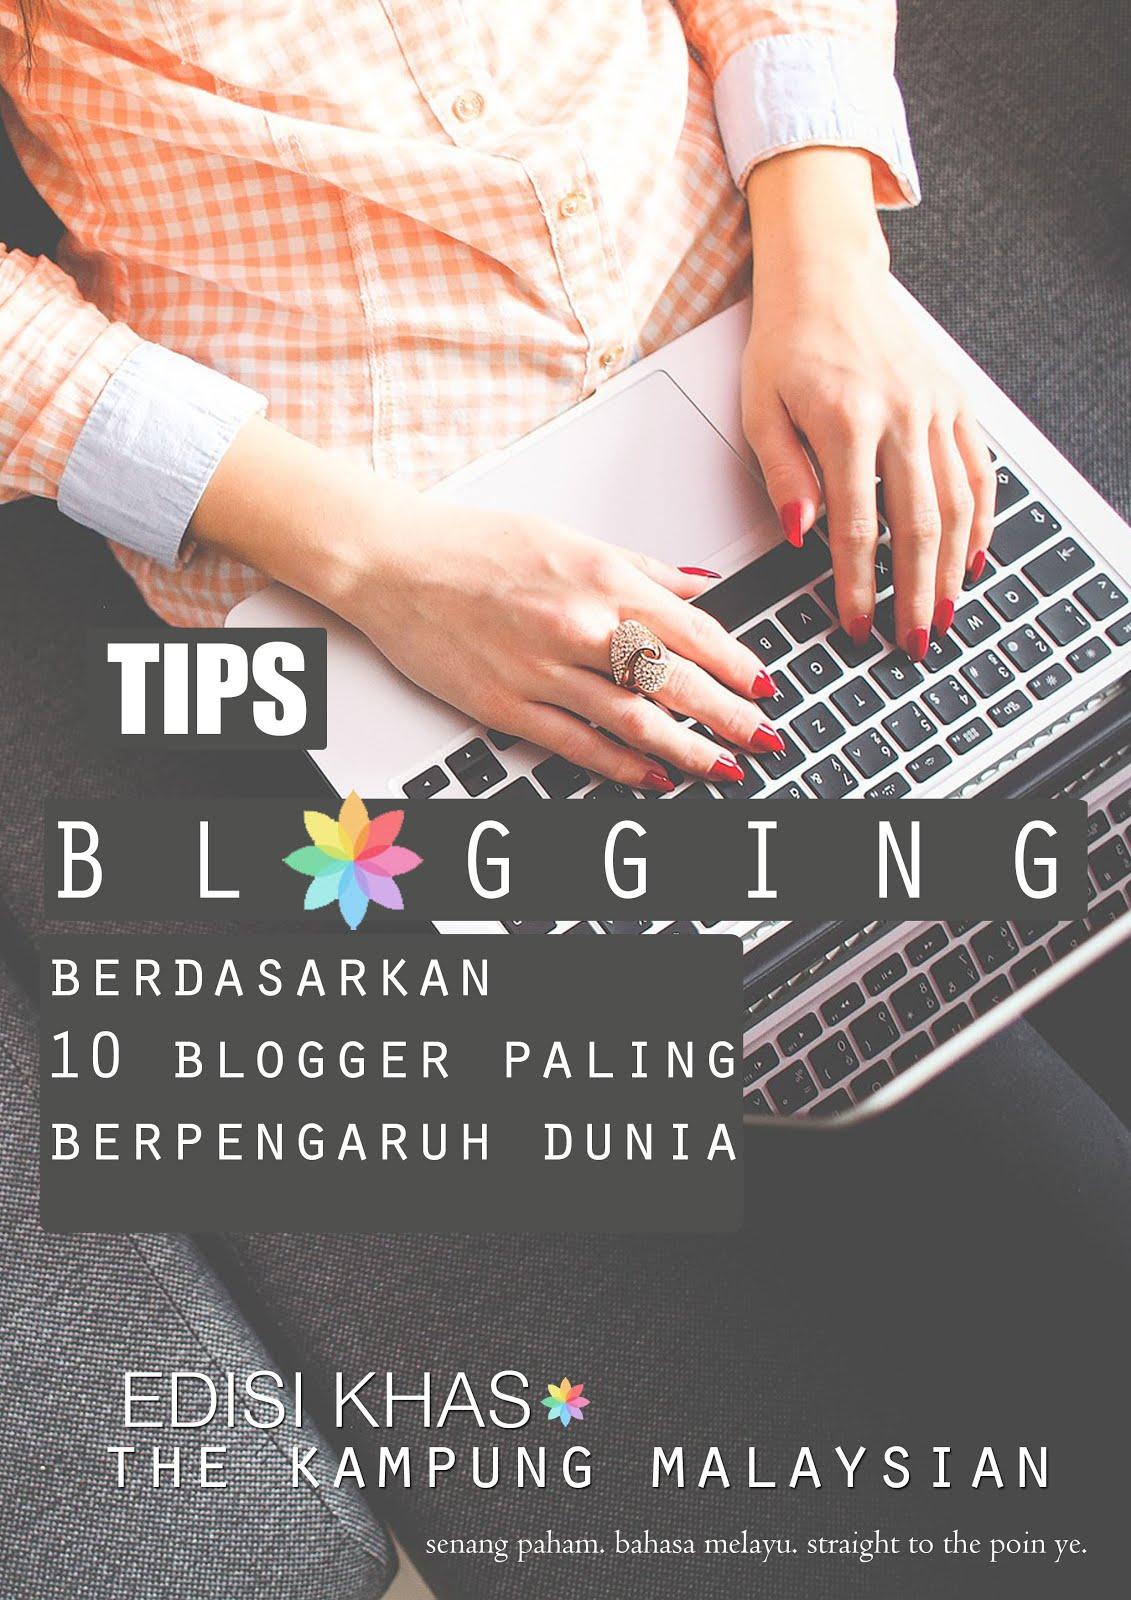 Dapatkan Ebook Percuma Tips Berblogging. Subscribe Kampung Malaysian harini.